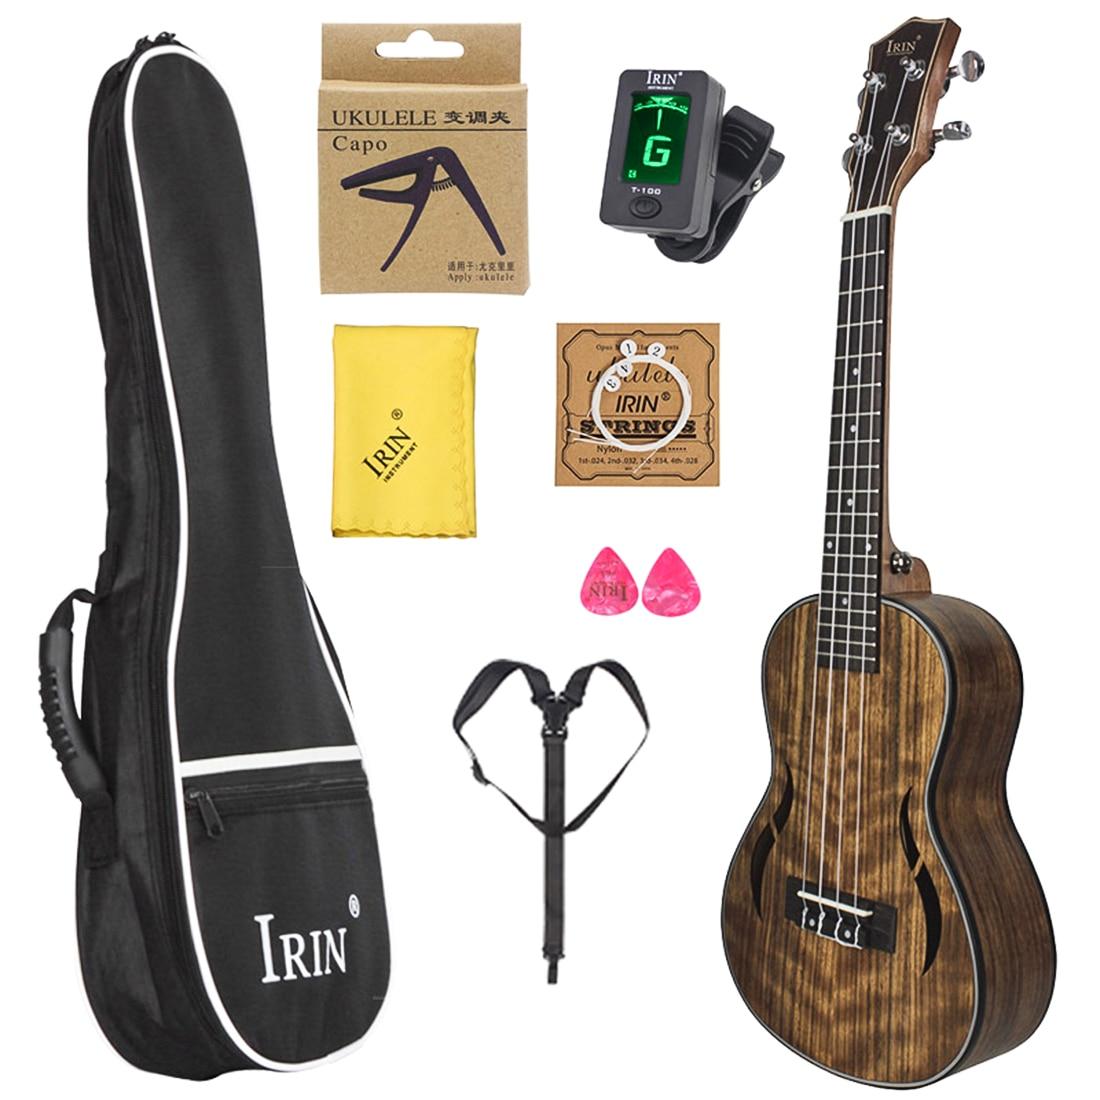 26 pouces 4 cordes en bois ukulélé enfants Instruments de musique jouet guitare Instruments éducation cadeaux d'anniversaire développer enfant Talent